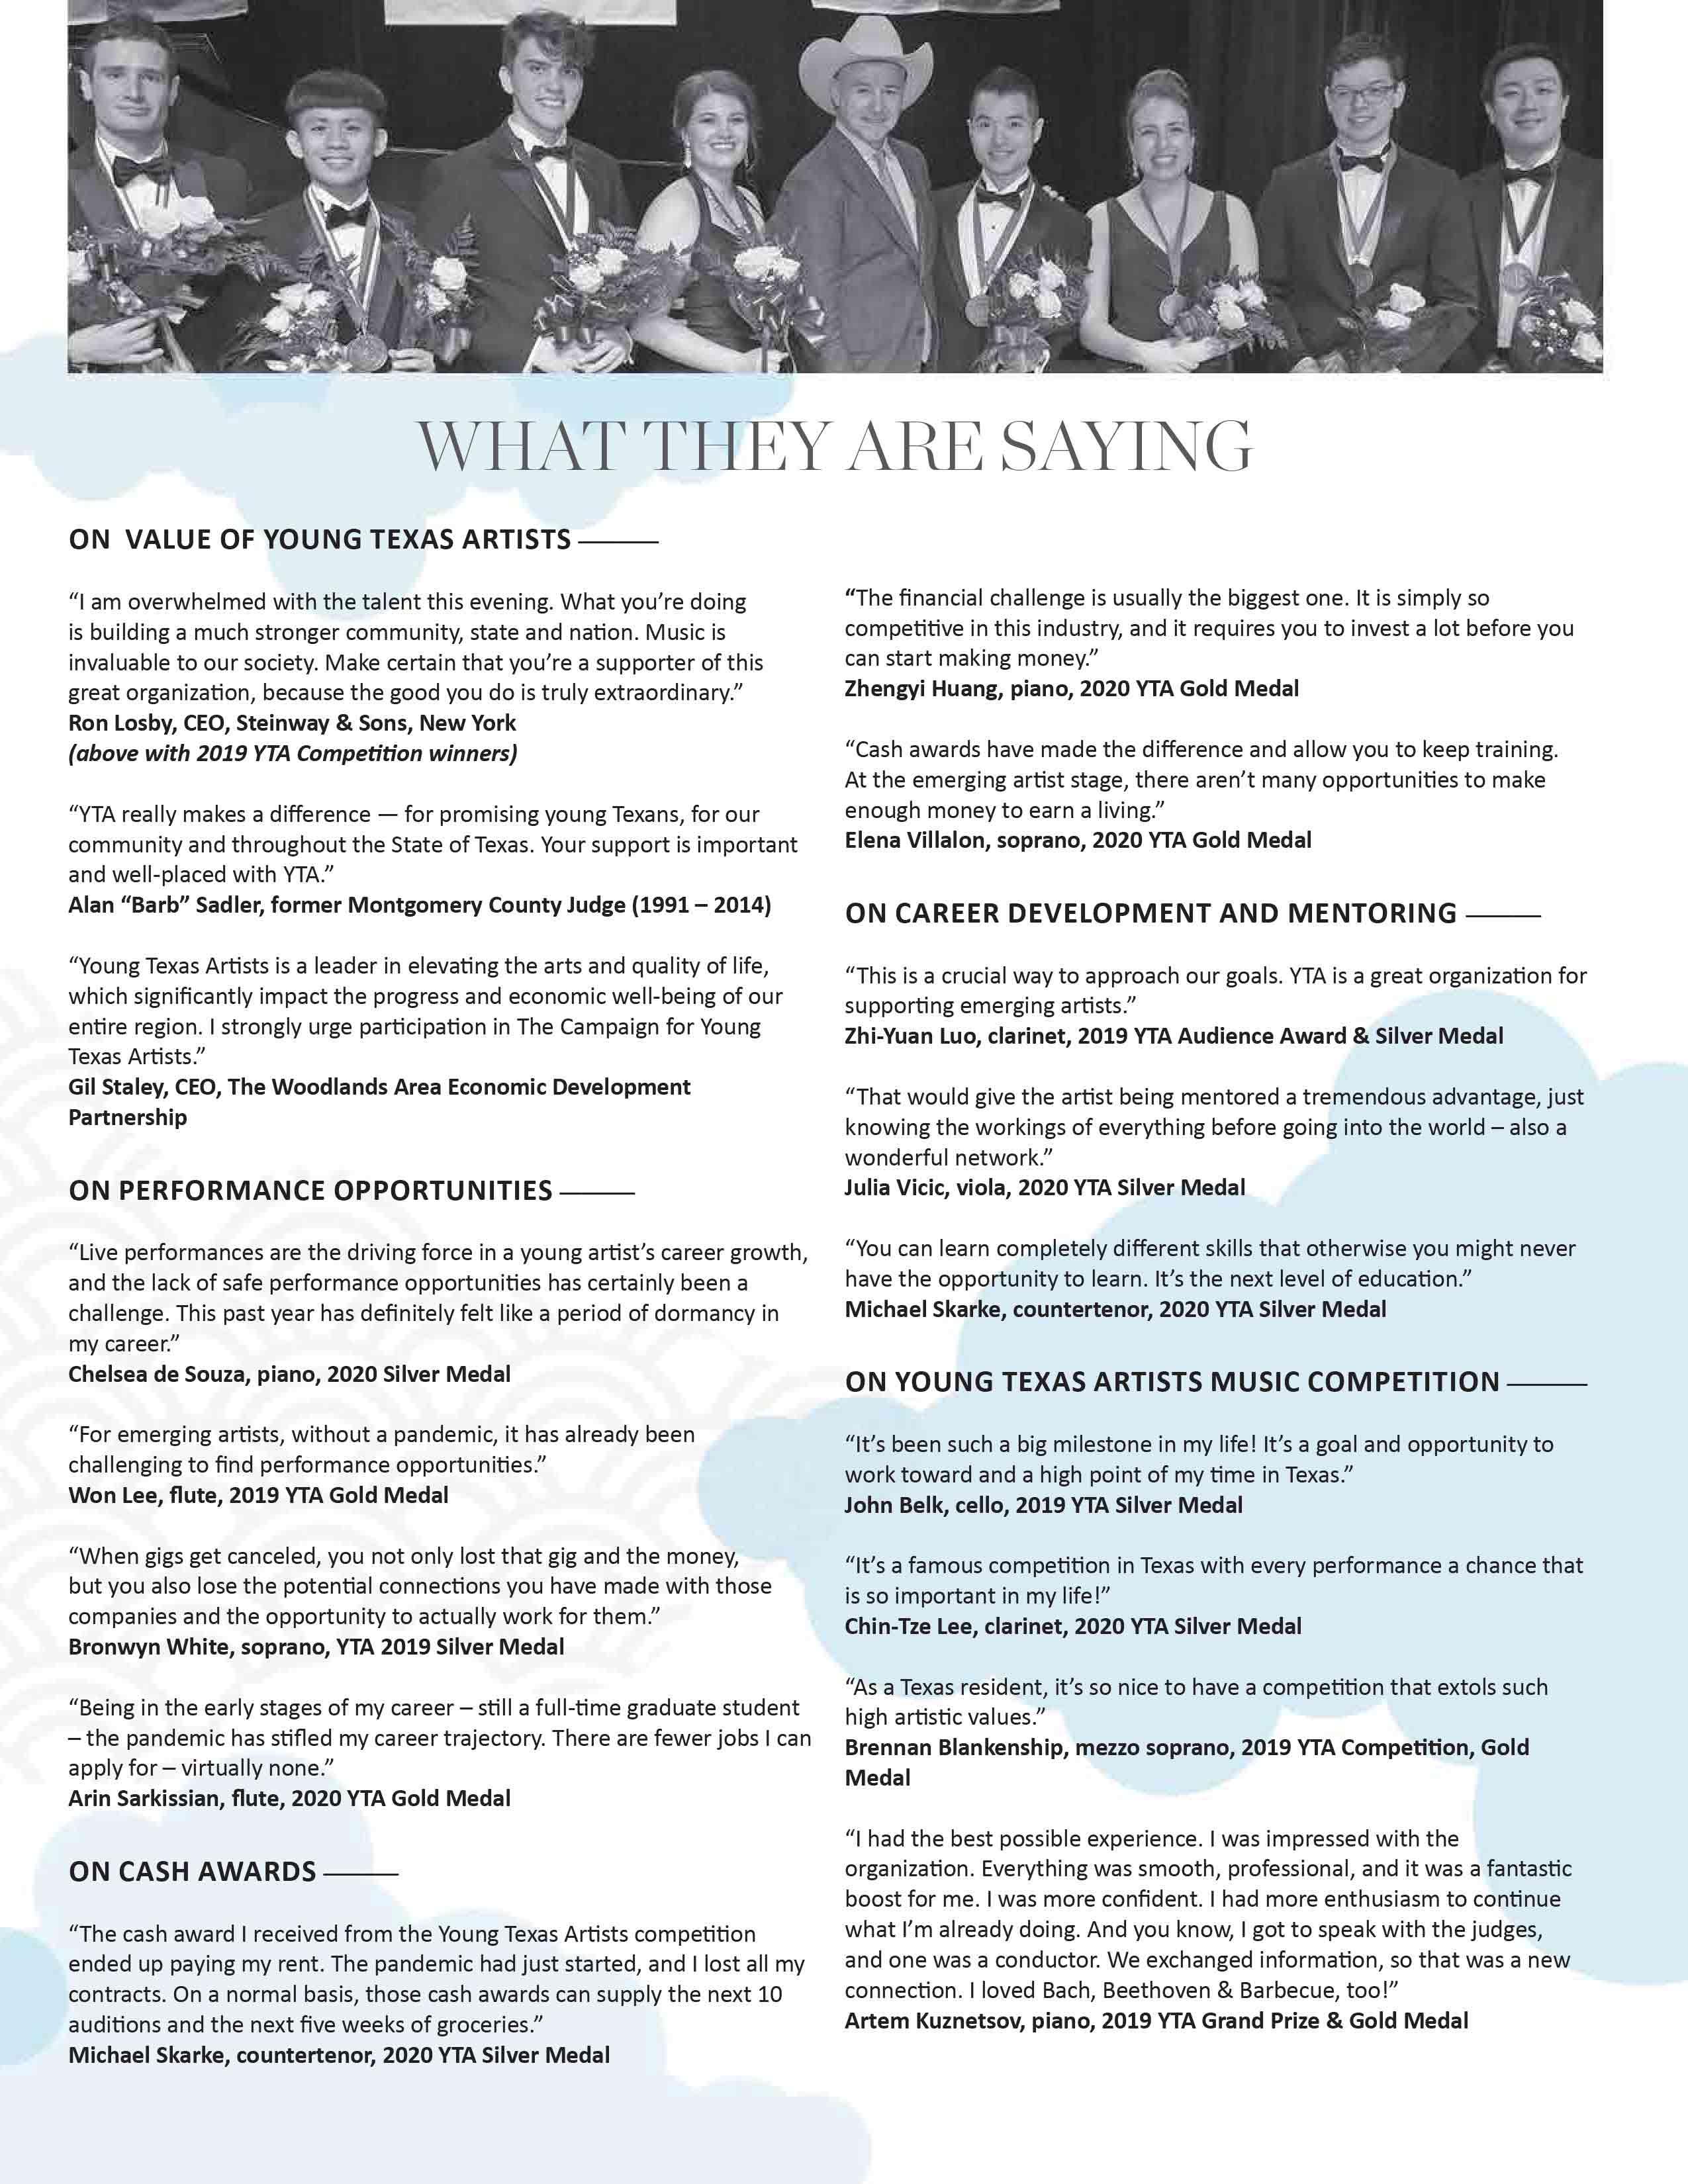 03.29.21-YTA-AF-digital-file-in-pages-5